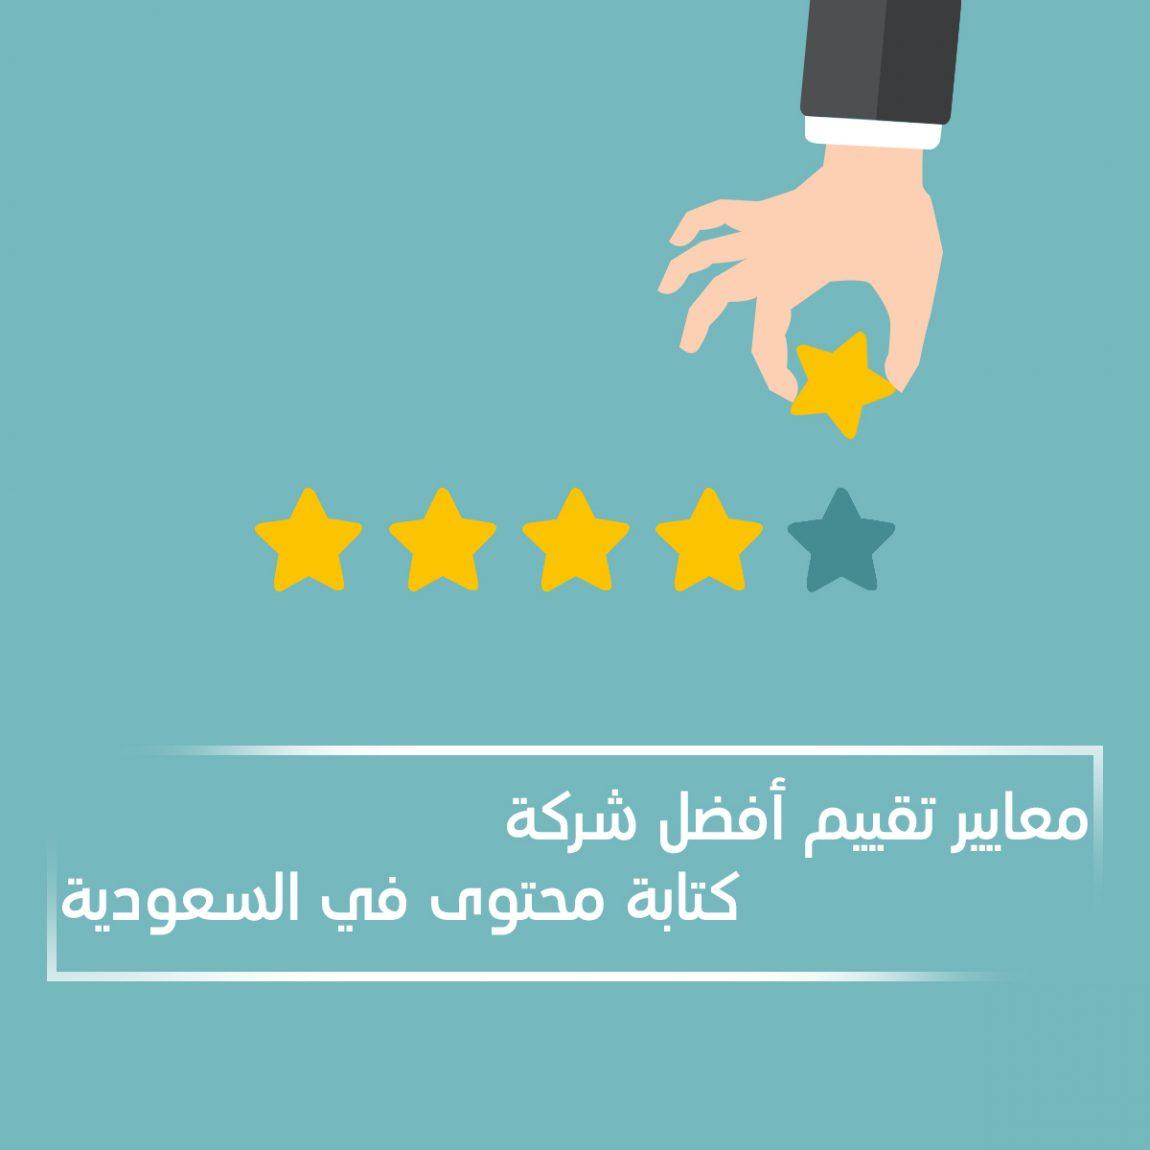 معايير تقييم أفضل شركة كتابة محتوى في السعودية